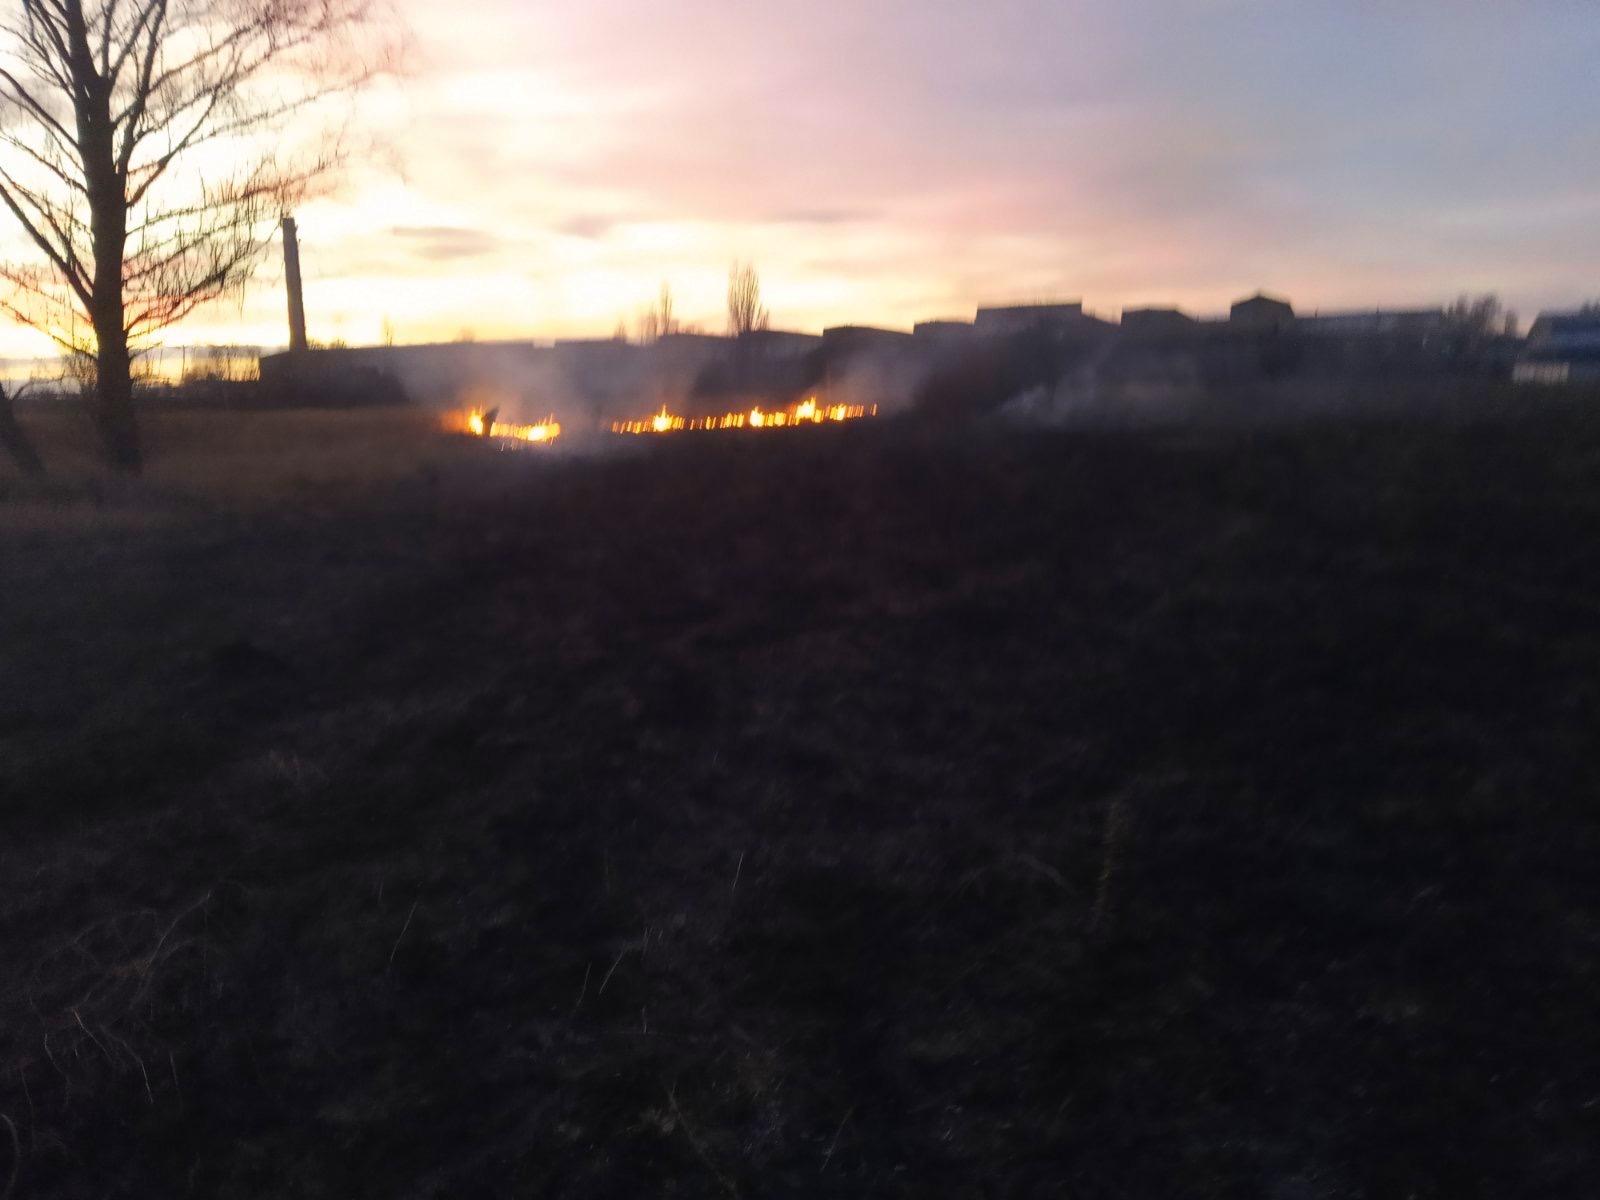 04-1 Безсніжна, тому й пожежна: на Київщині горіли гектари трав'яного настилу (ФОТО)